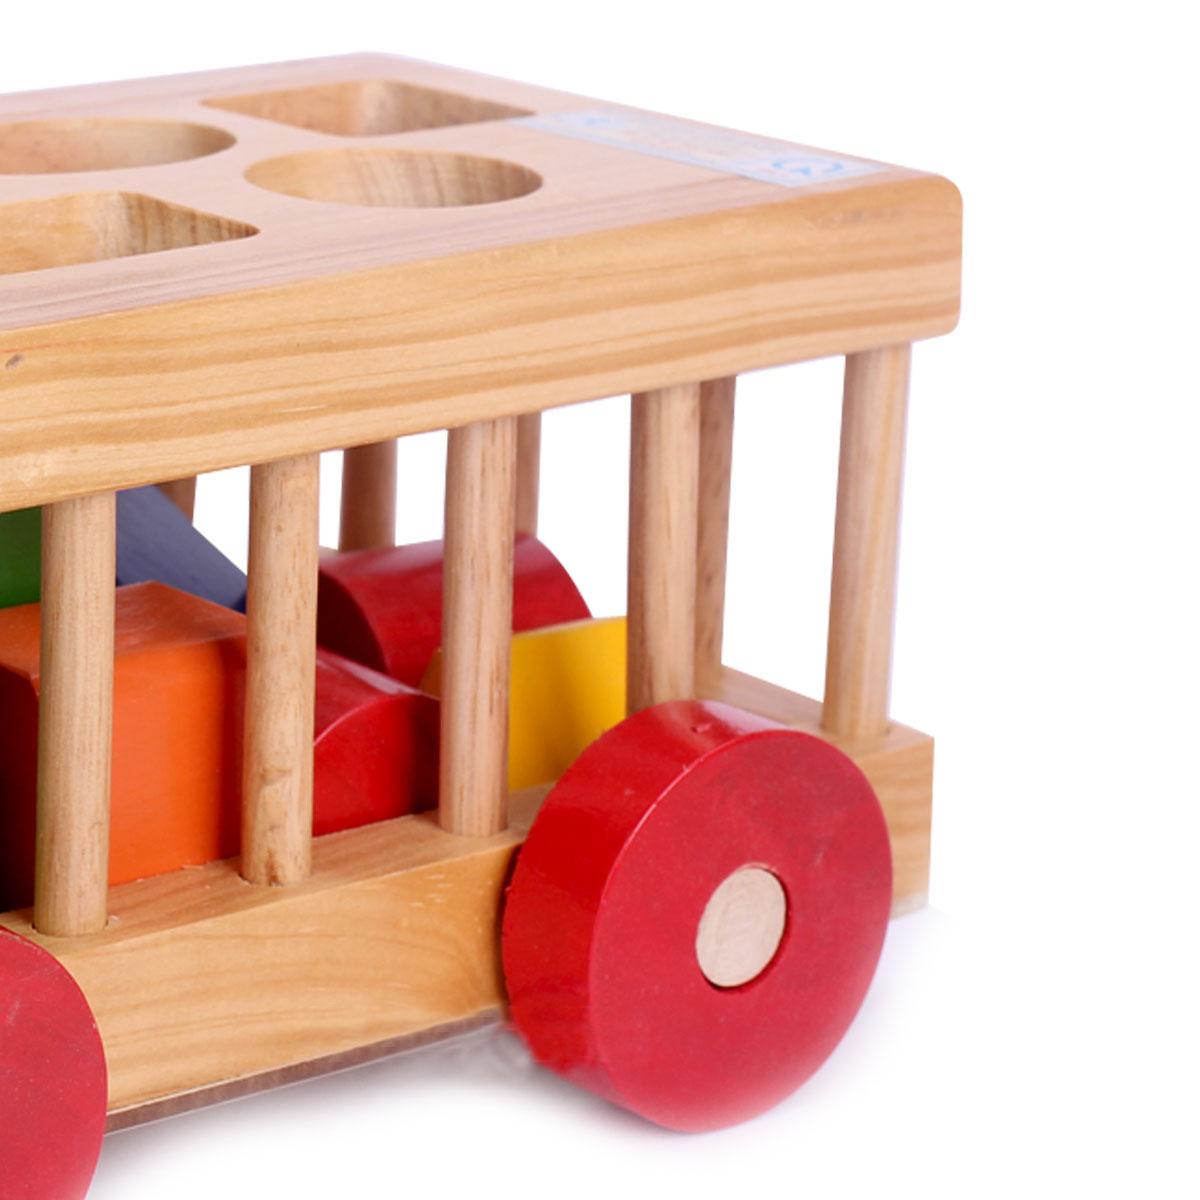 Ô tô thả hình gỗ Kitty thiết kế thông minh cho bé